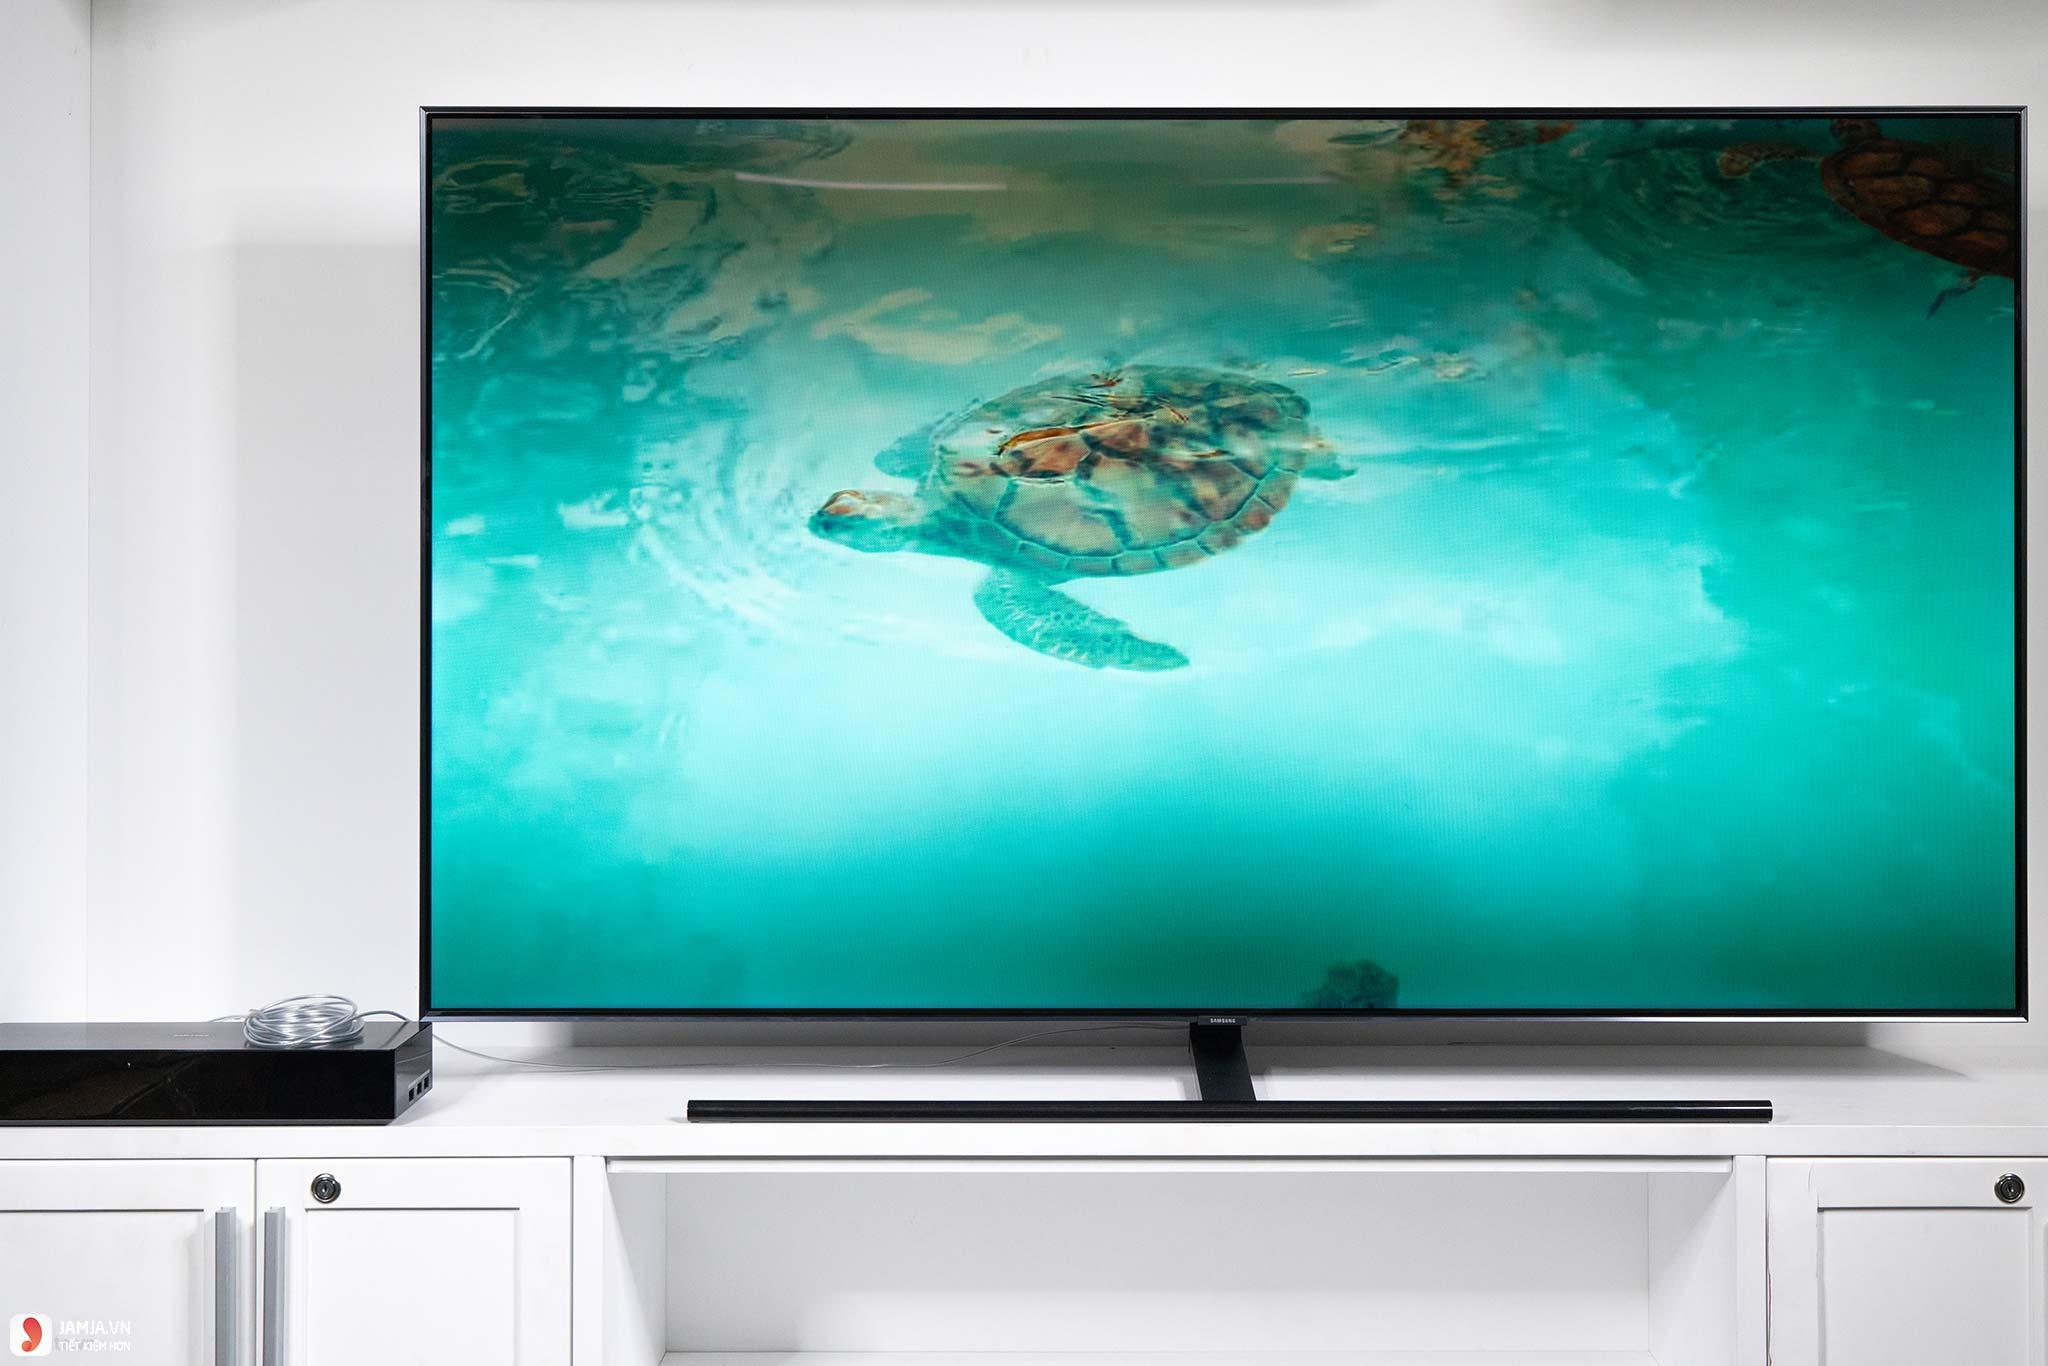 Tivi LED là gì 3